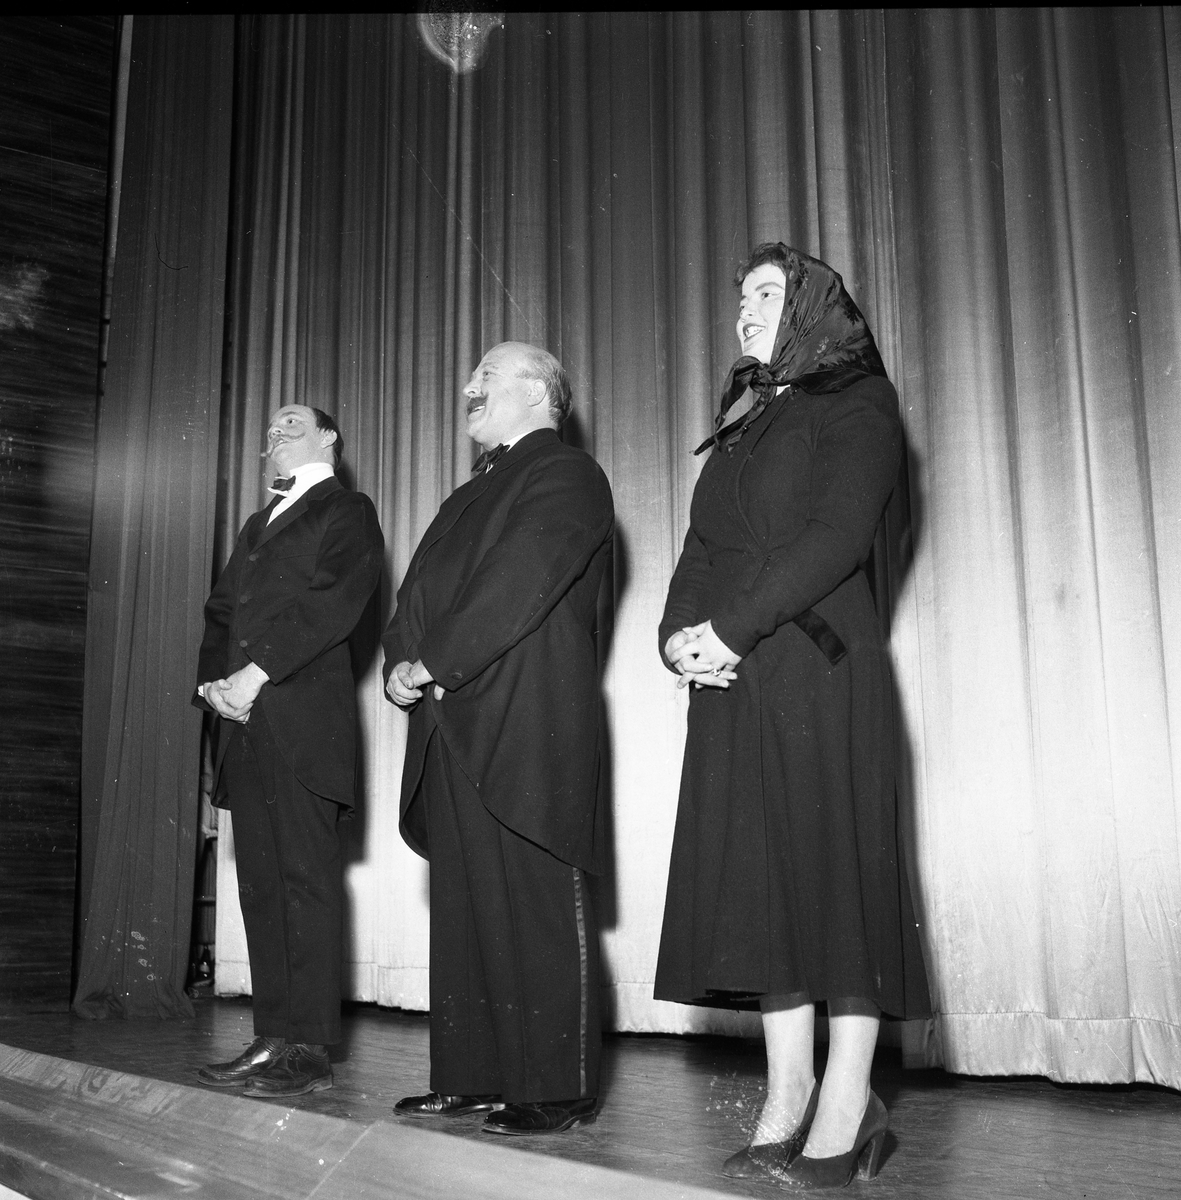 Arbogarevyns medlemmar spelar upp sin Jubileumsrevy. Tre personer står på scenen, två klädda i frack och den tredje i kappa och sjalett.